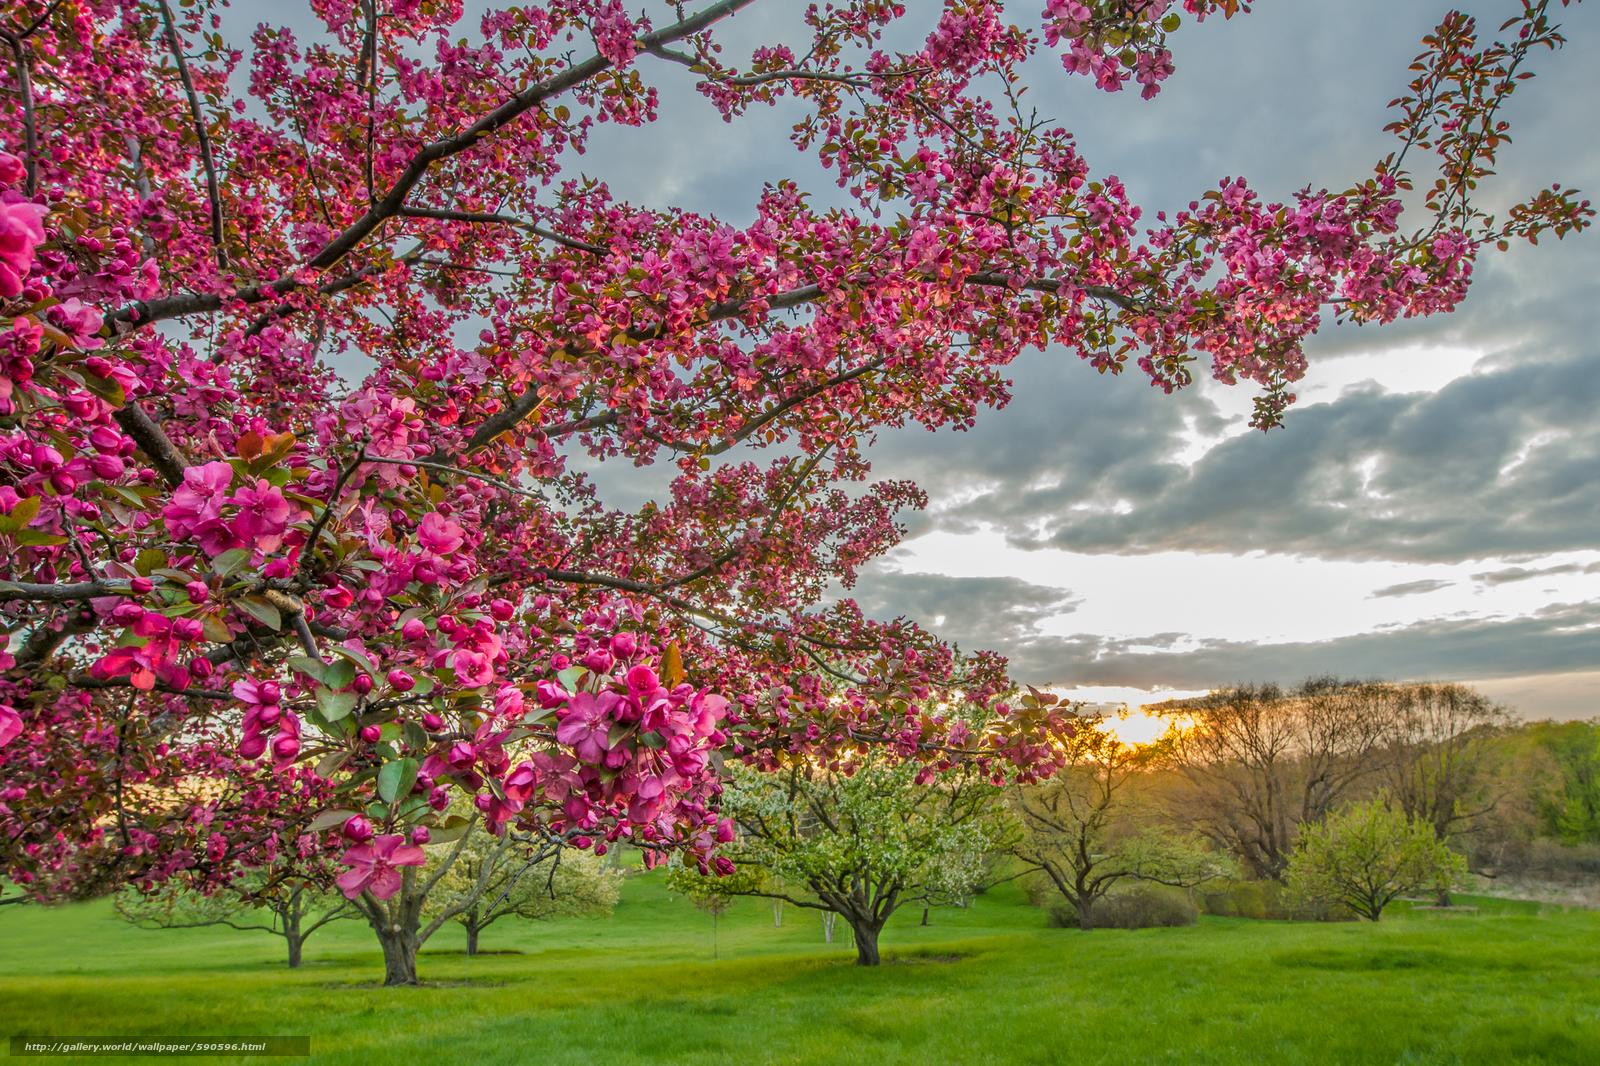 Tlcharger fond d 39 ecran jardin arbres fleurs paysage for Jardin japonais fond d ecran